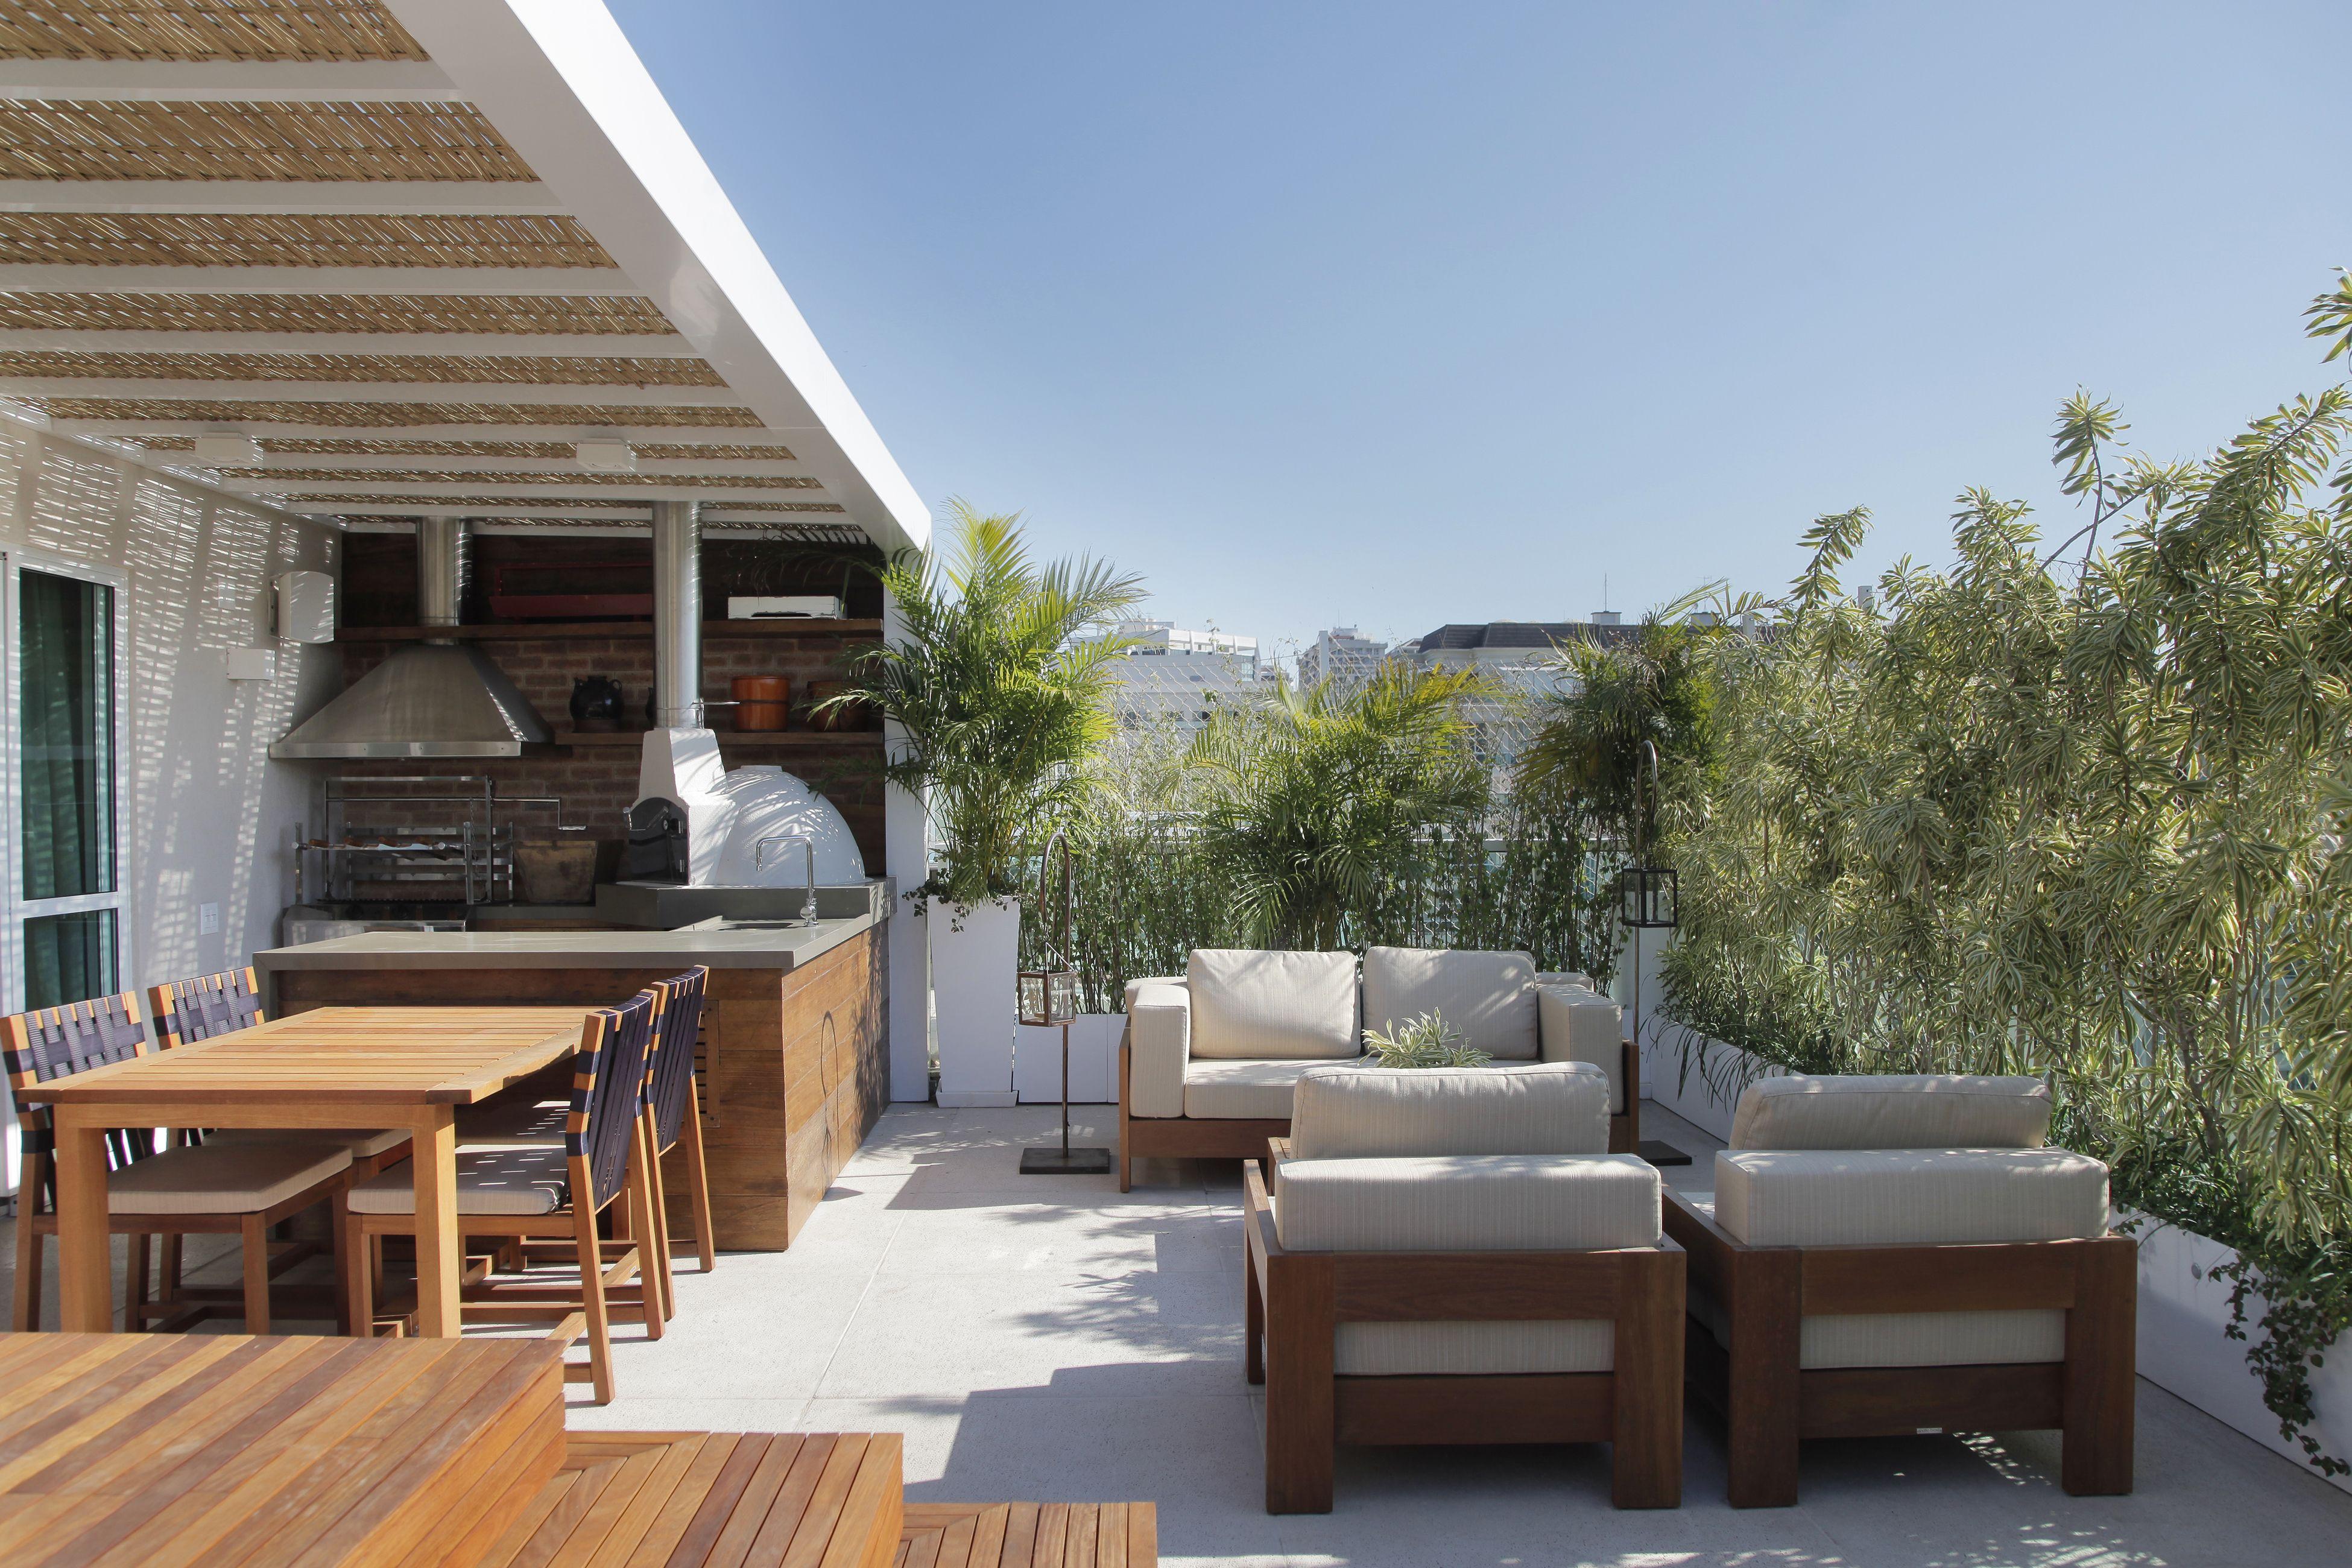 area externa Varandas e Design Area de lazer com churrasqueira,Áreas de lazer e Ideias terraço -> Decoração De Area Externa Pequena